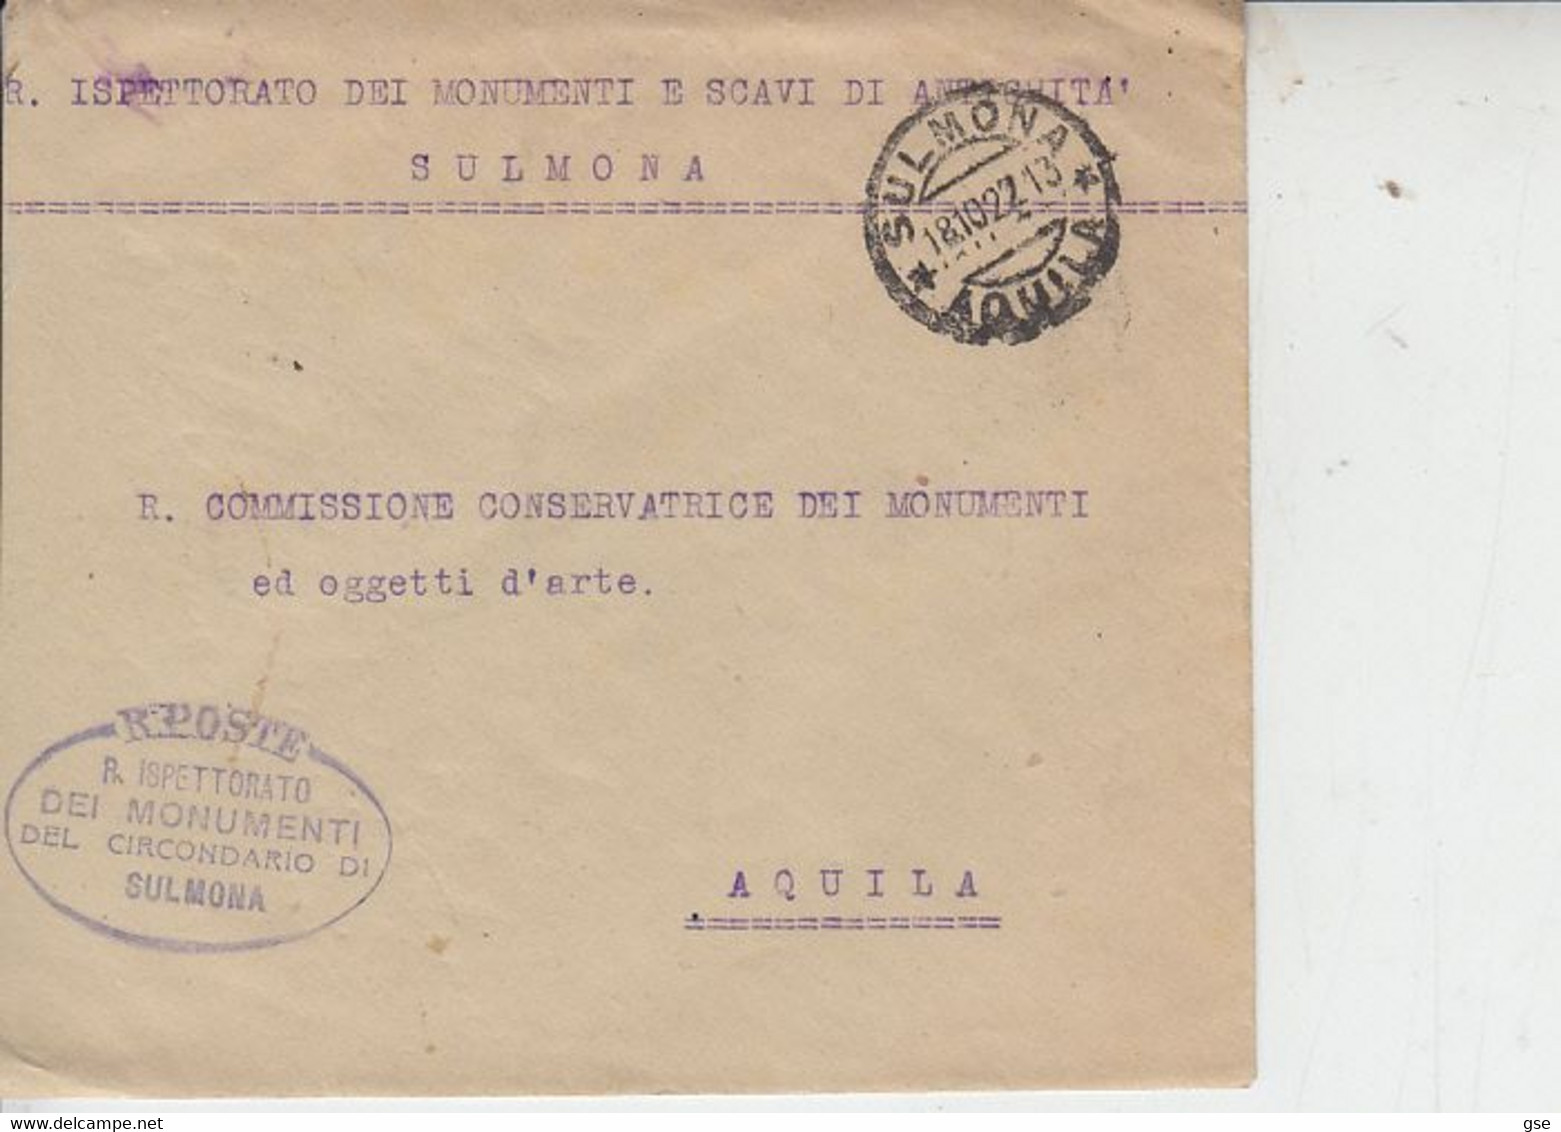 ITALIA  1927 - Ispettorato Monumenti E Scavi Di Antichità  - Sulmona -.- - Archéologie